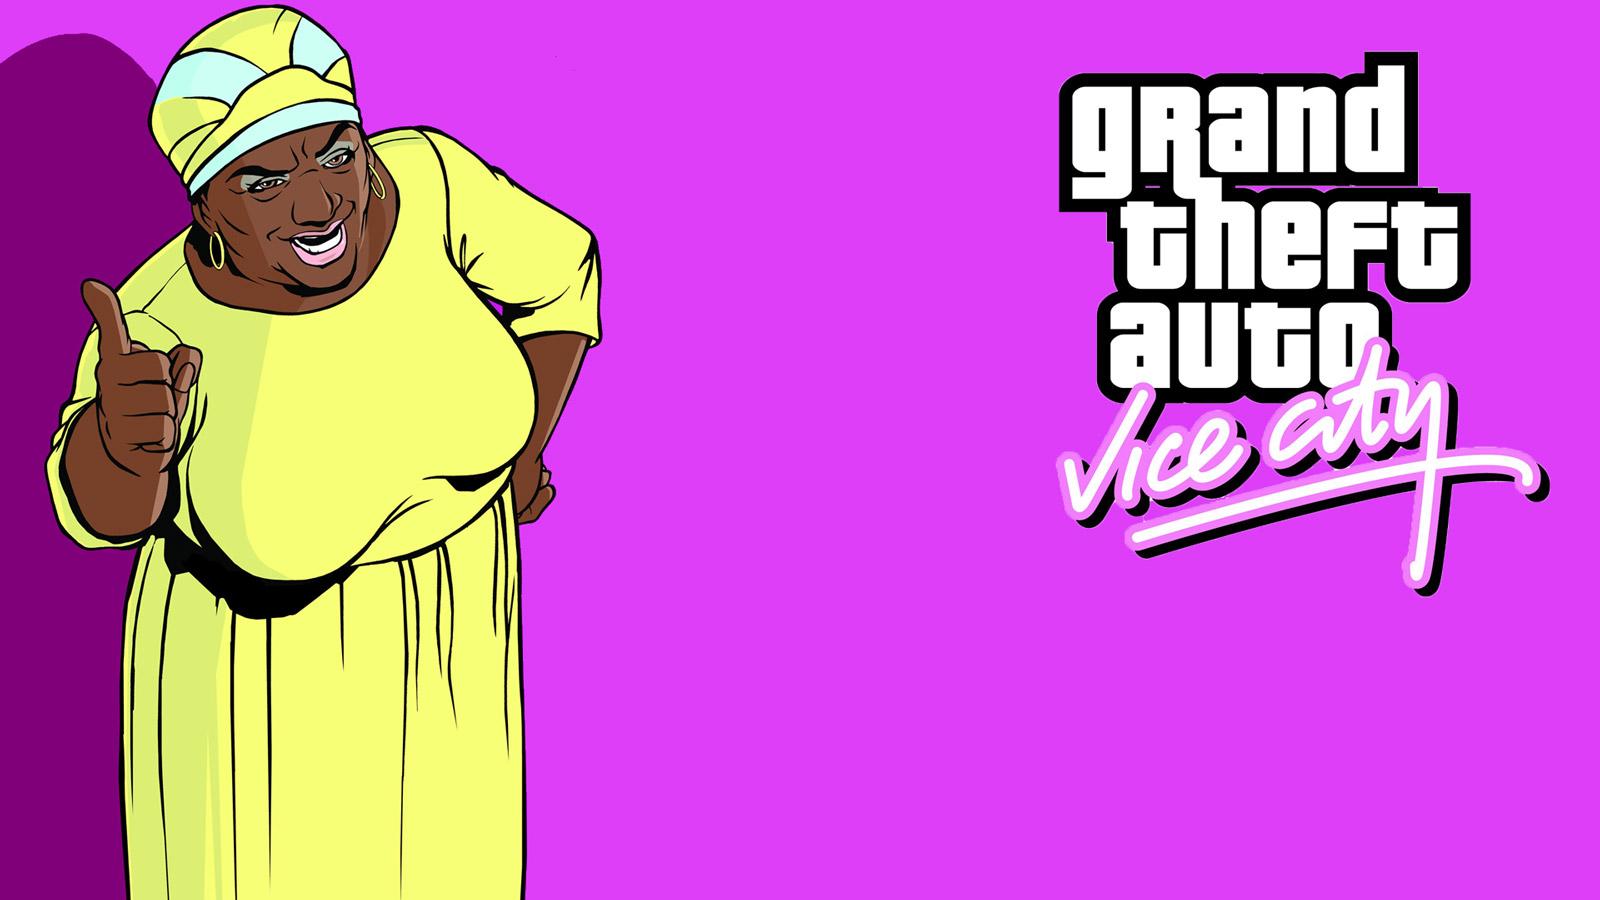 Grand Theft Auto: Vice City Wallpaper in 1600x900